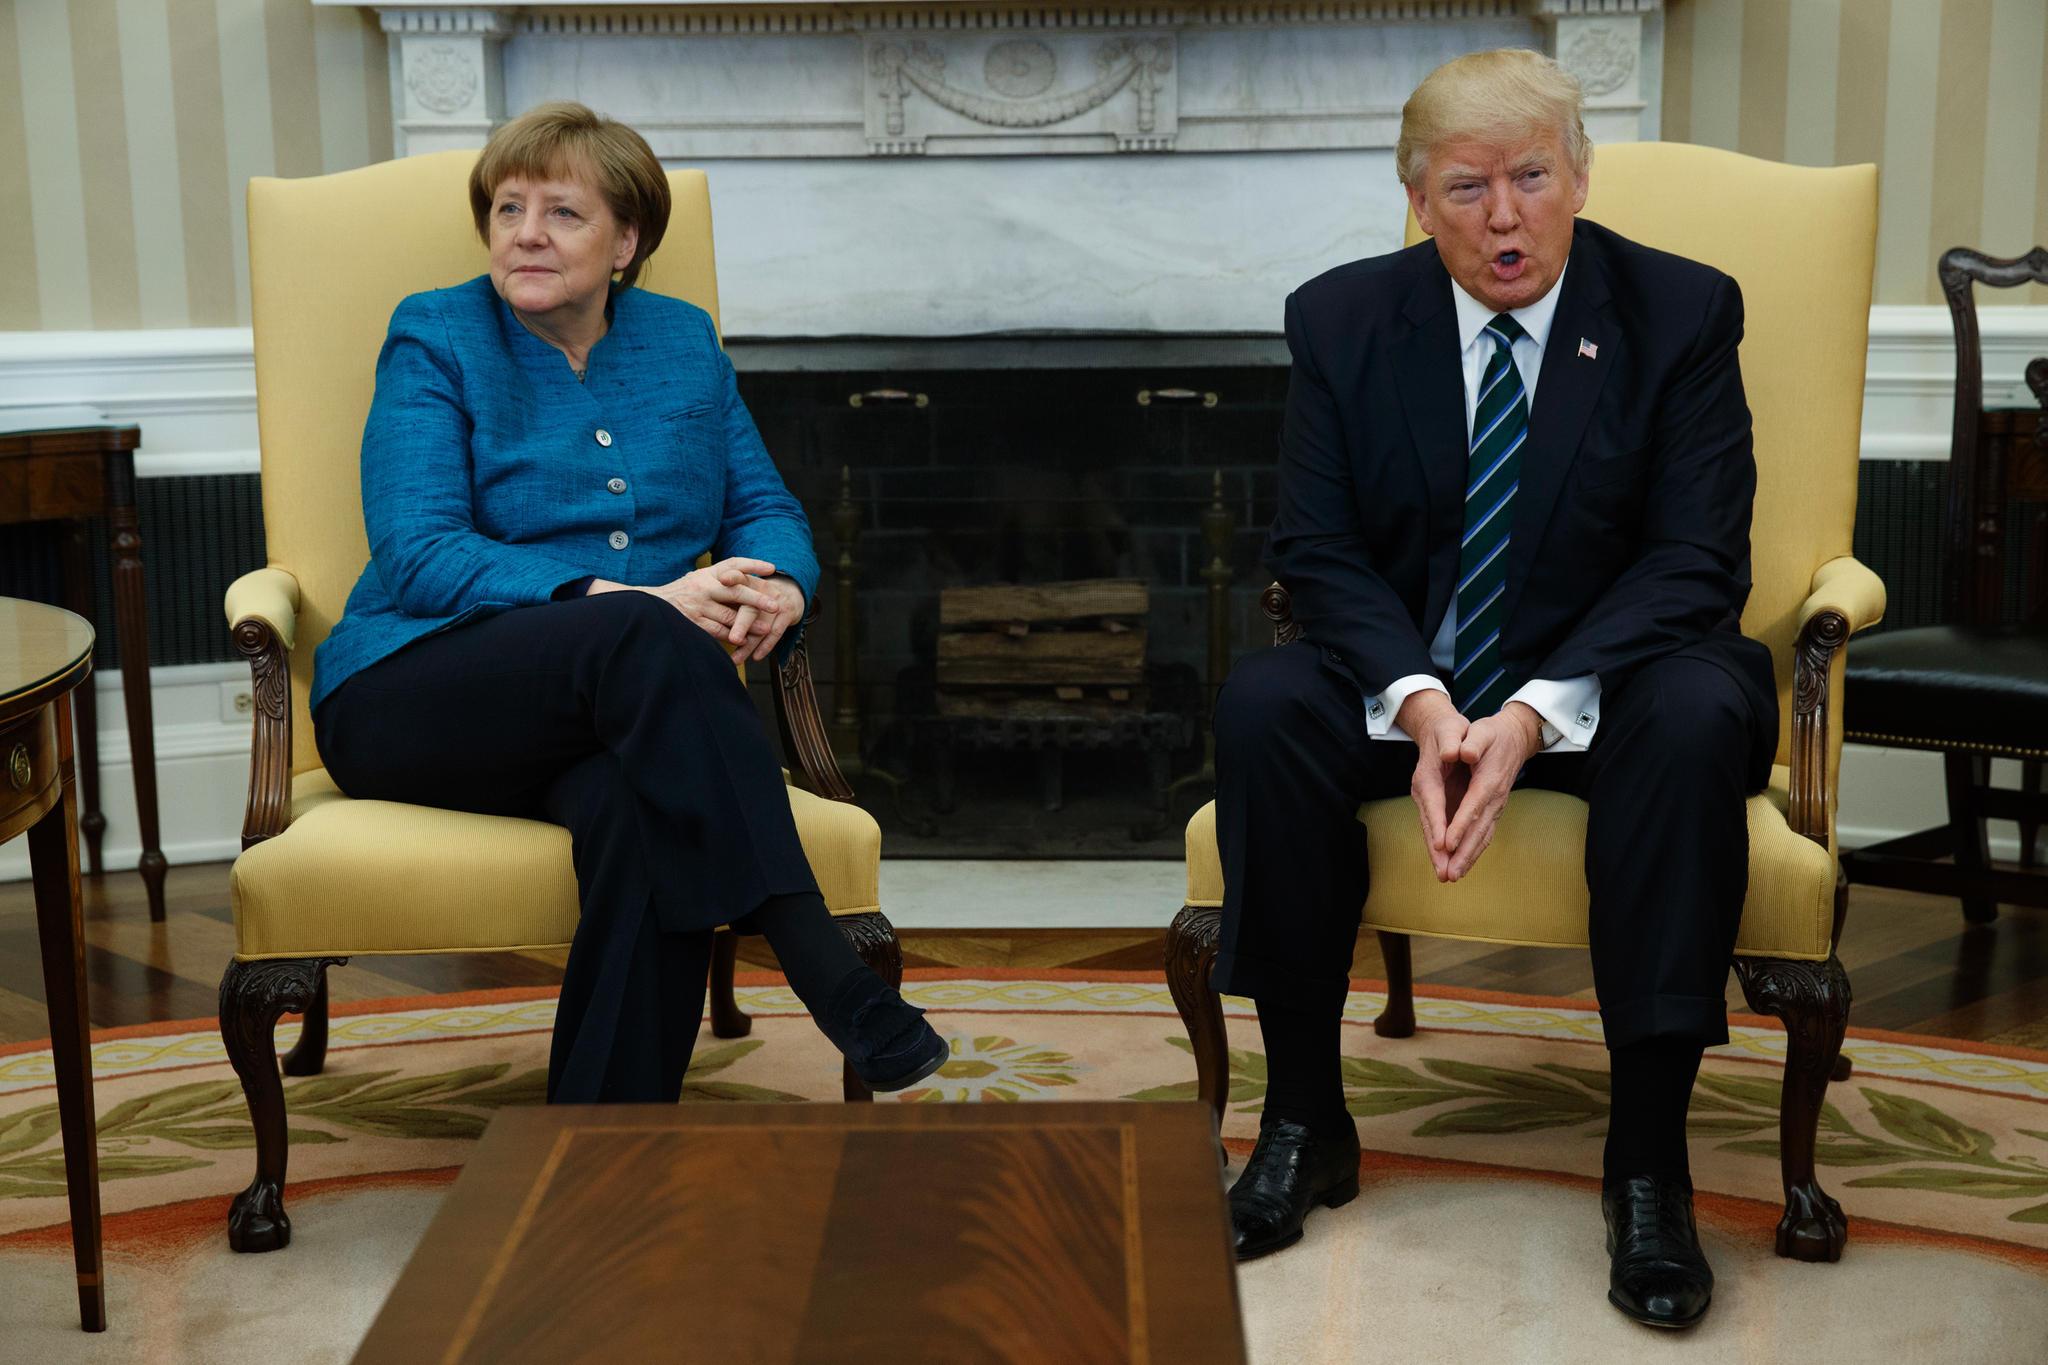 Kein Handschlag im Oval fice so reagiert das Netz auf Trump und